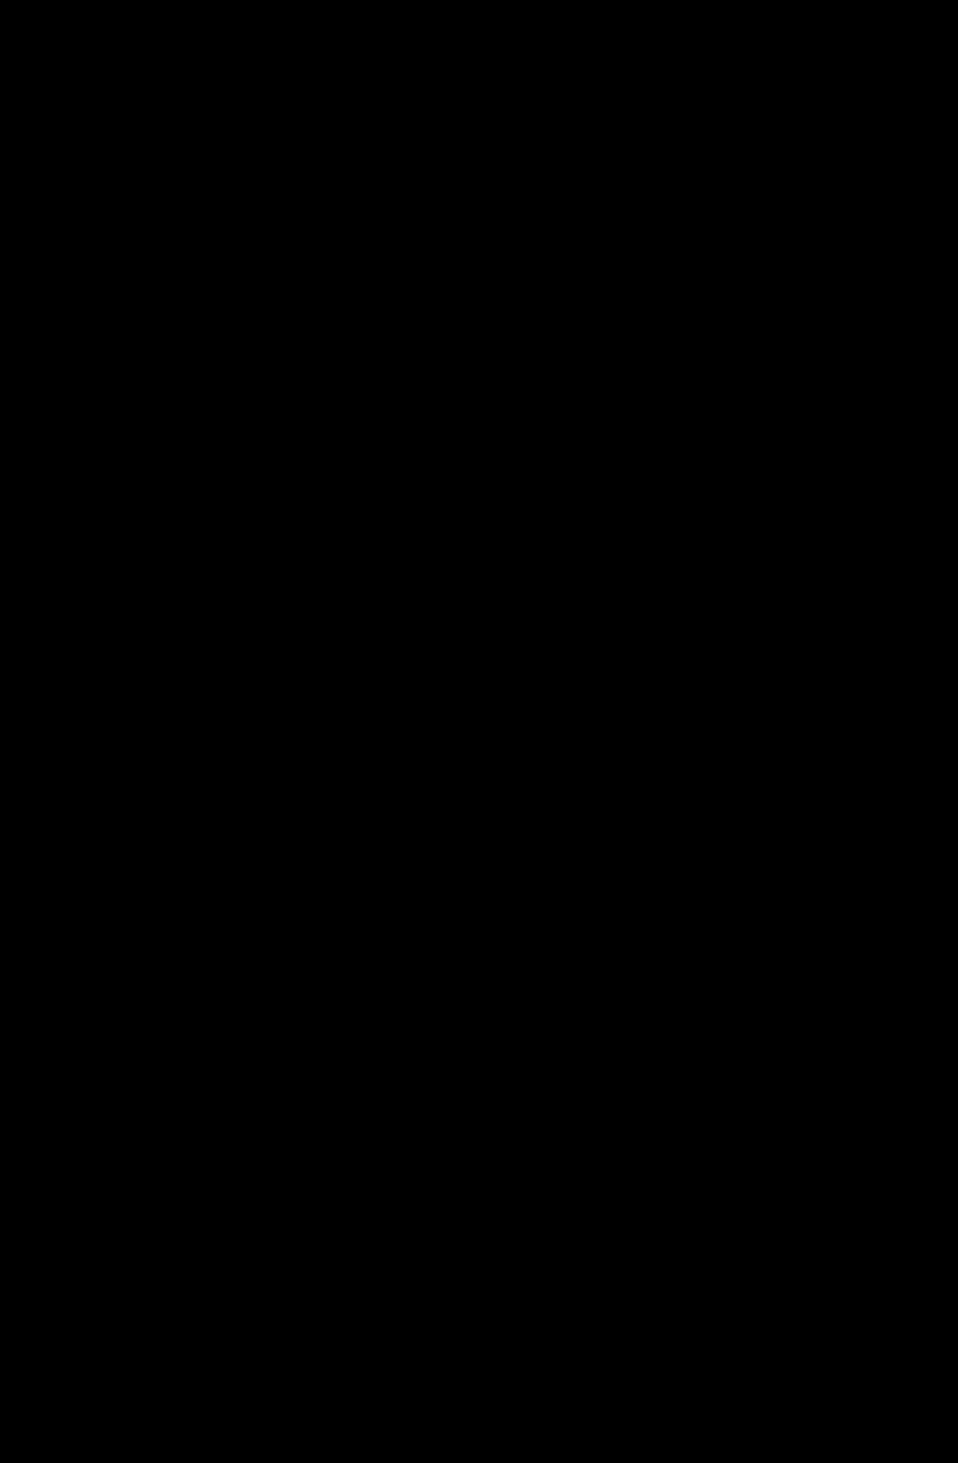 papyrus capital